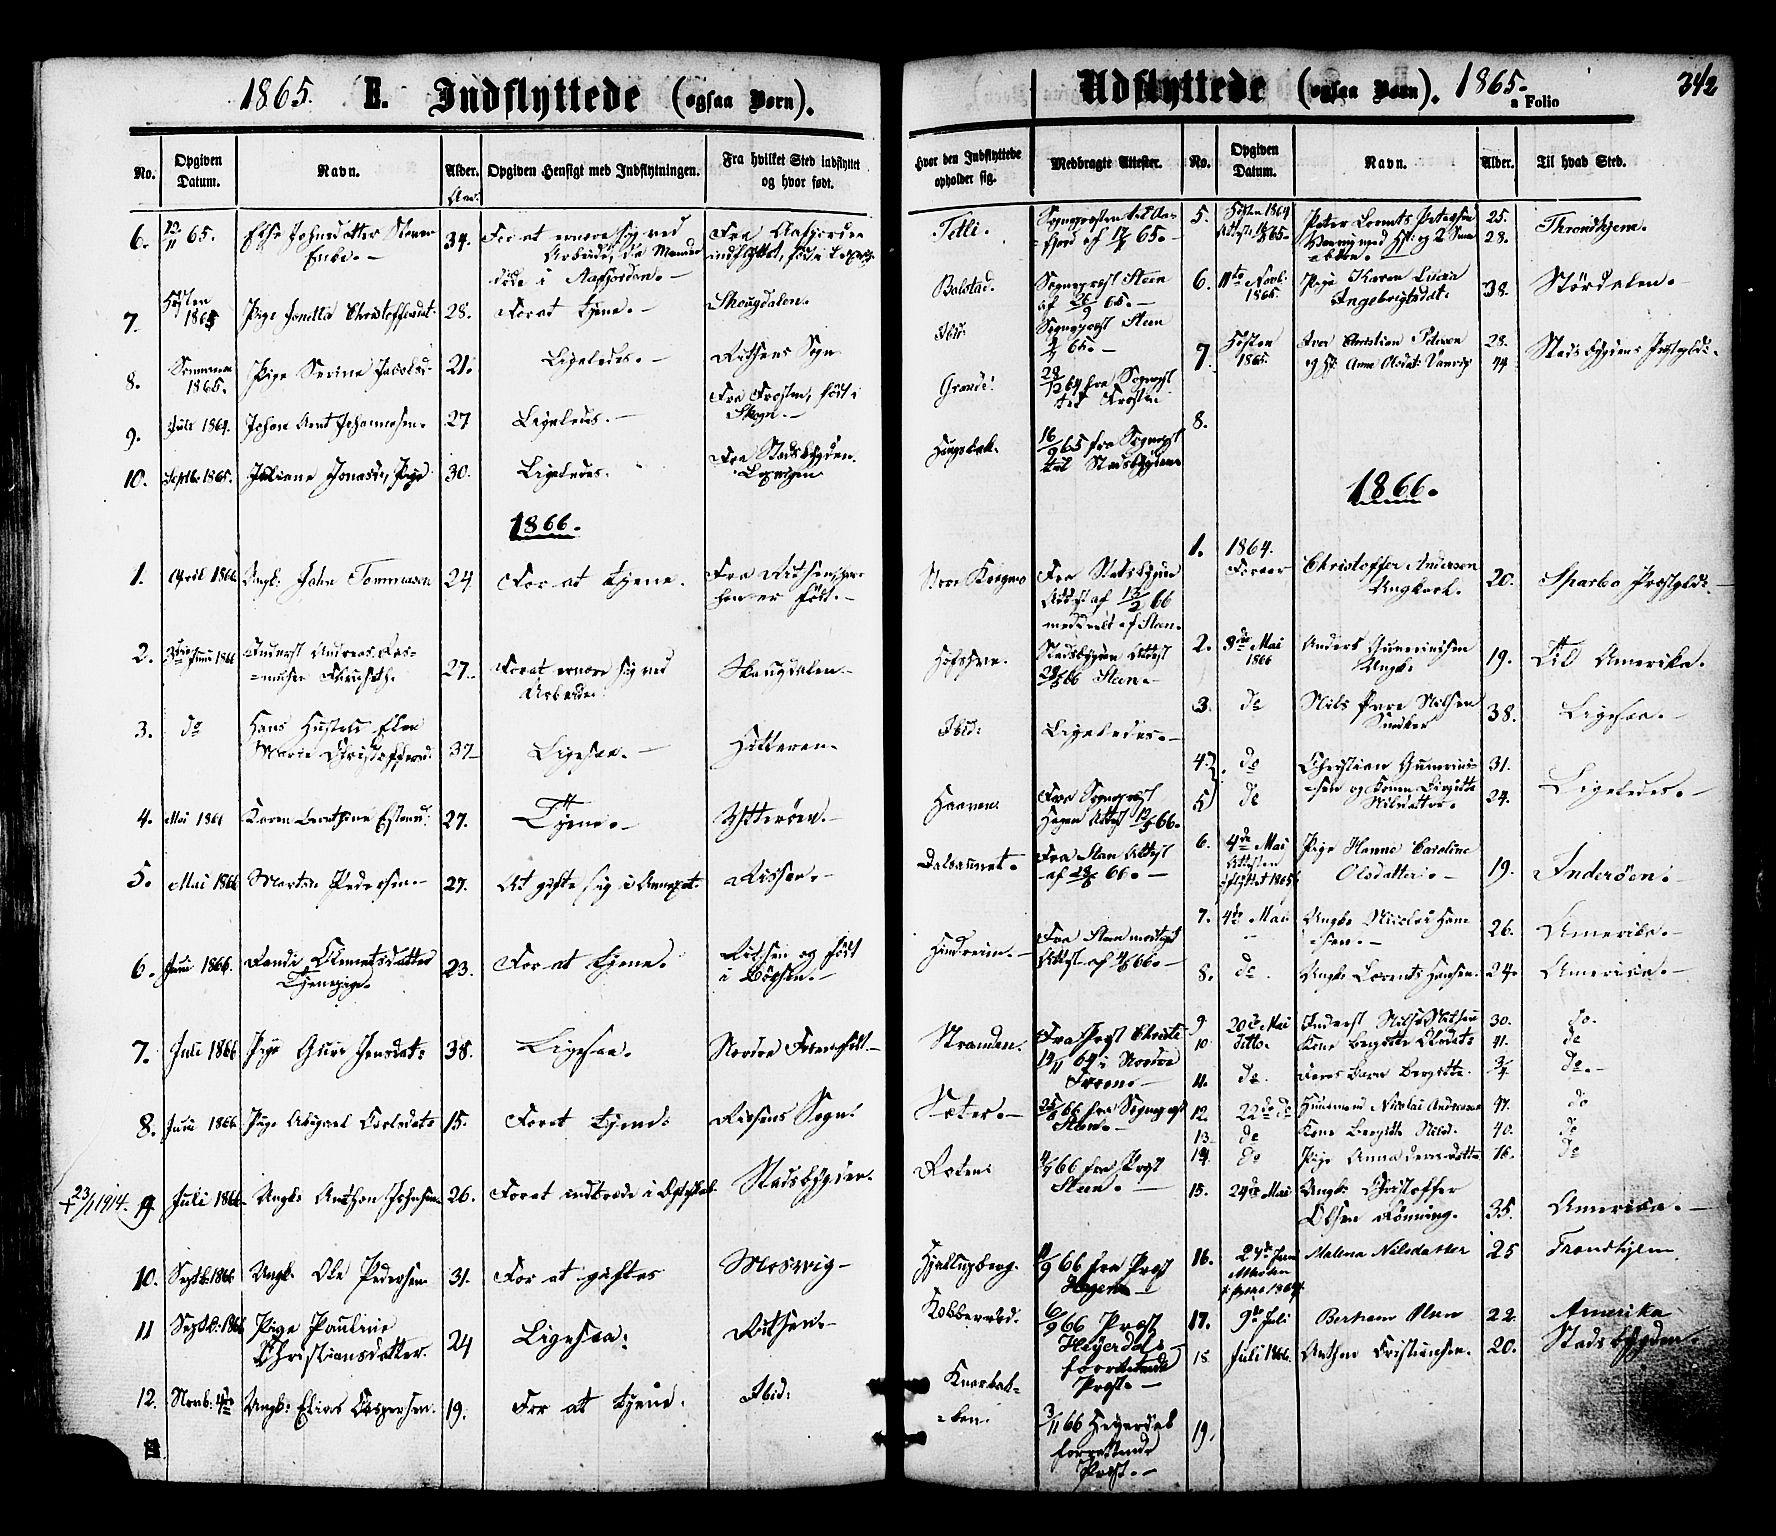 SAT, Ministerialprotokoller, klokkerbøker og fødselsregistre - Nord-Trøndelag, 701/L0009: Ministerialbok nr. 701A09 /1, 1864-1882, s. 342